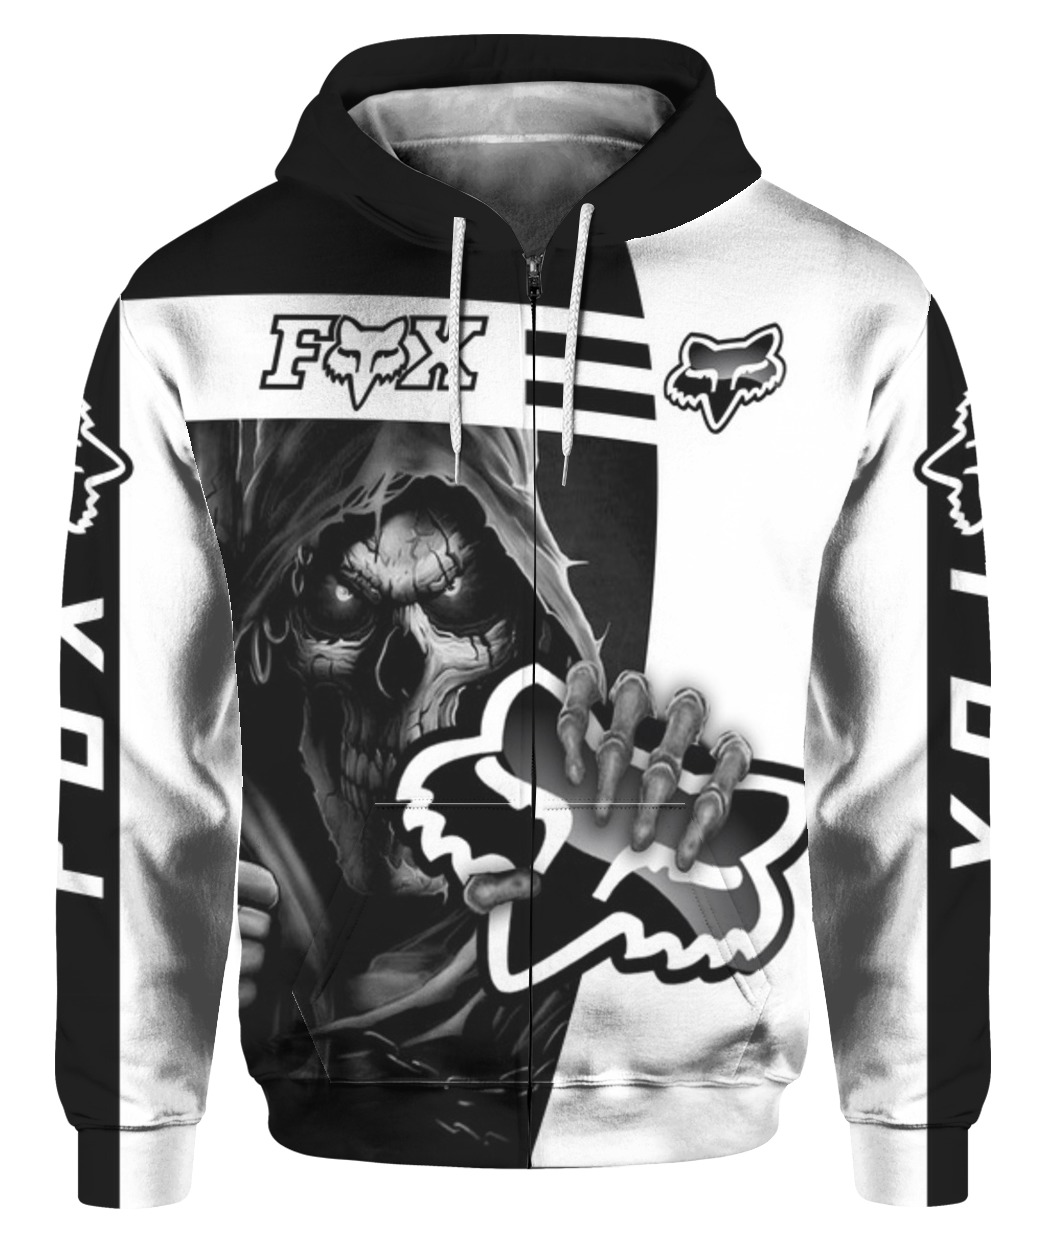 Death skull holds logo fox racing full printing zip hoodie